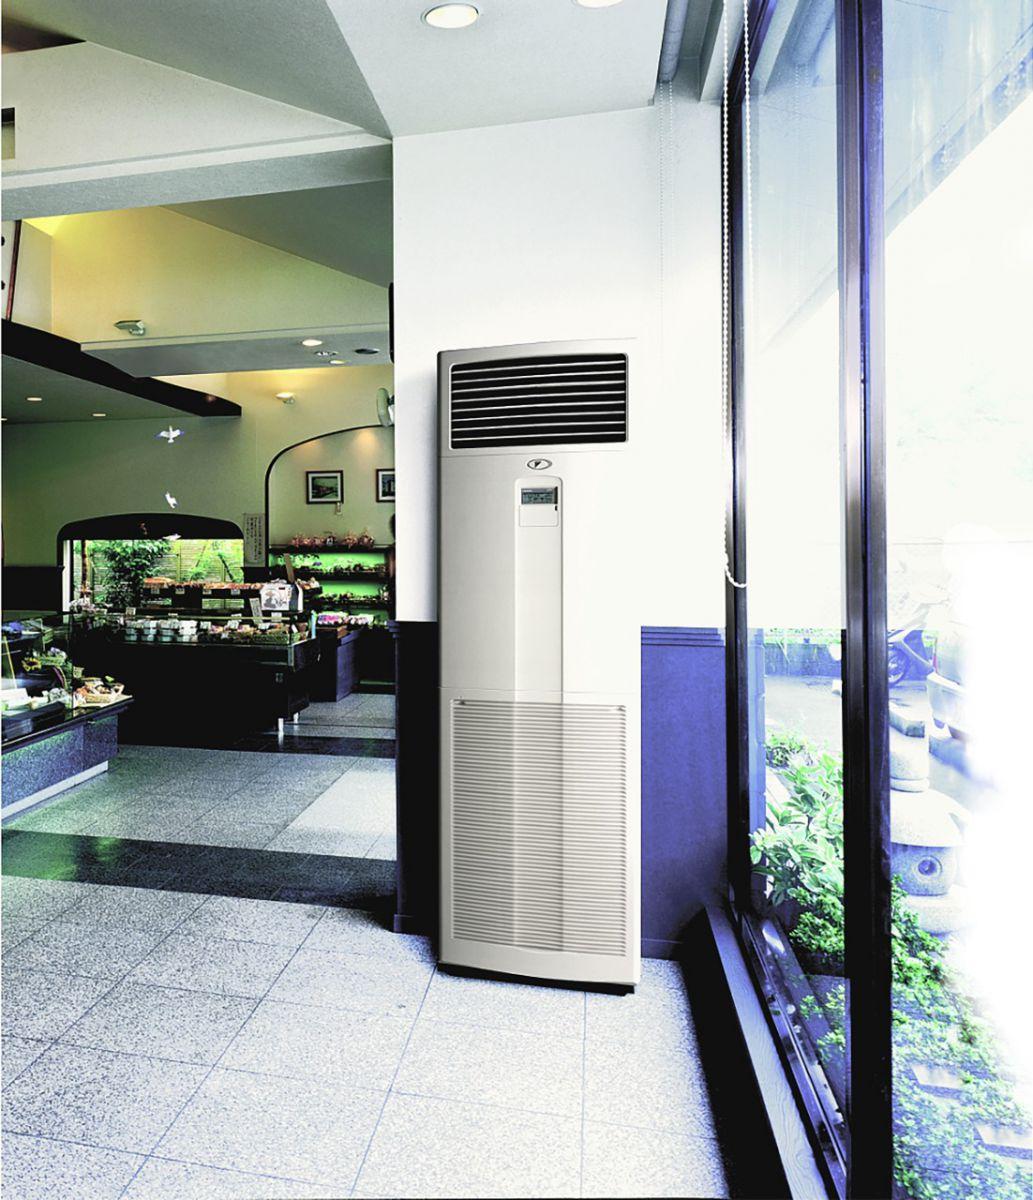 Điều hòa tủ đứng Daikin Inverter – Lắp đặt chất lượng cao